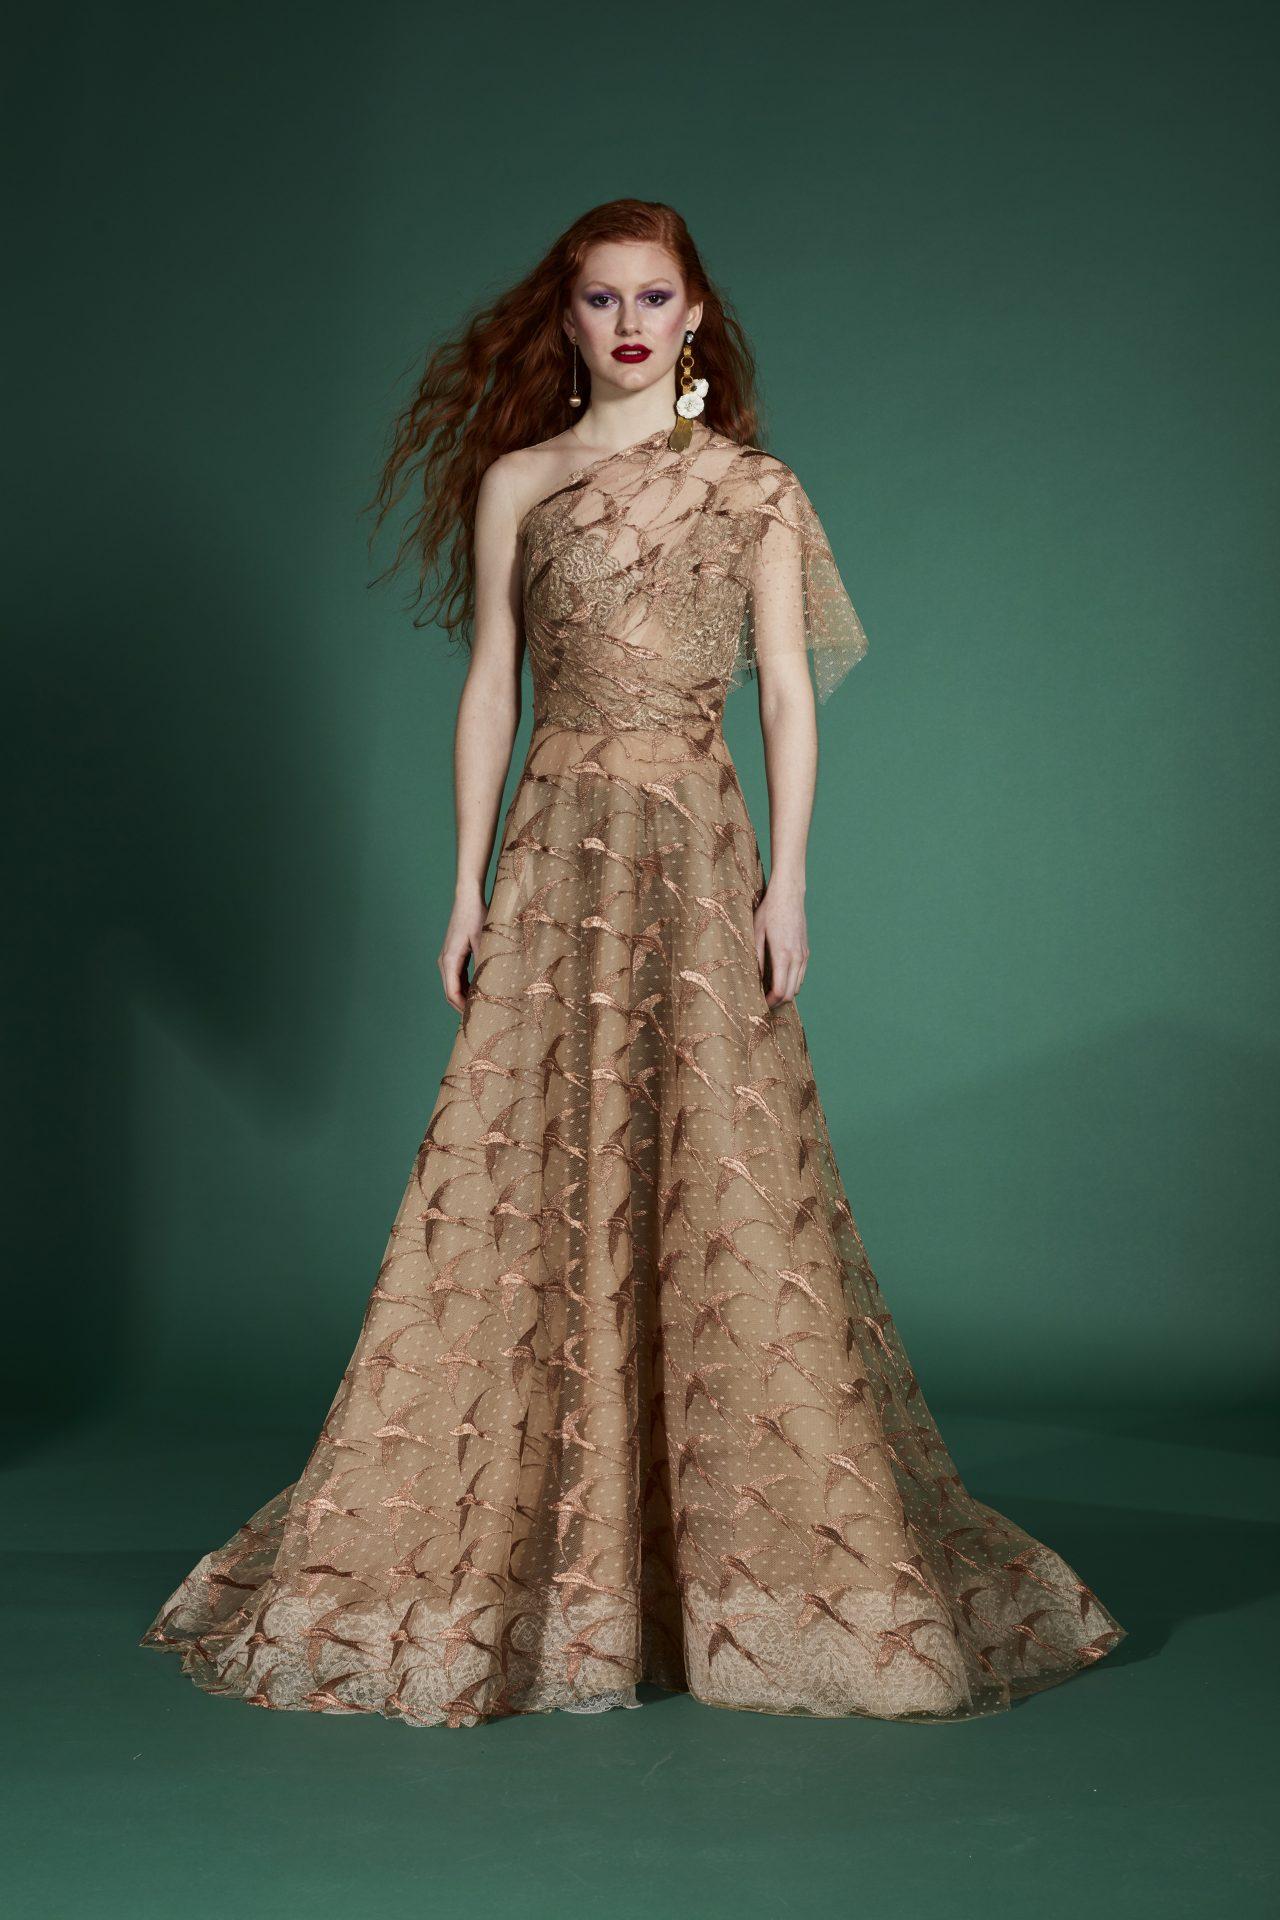 vestido de noche con encaje transparente dorado